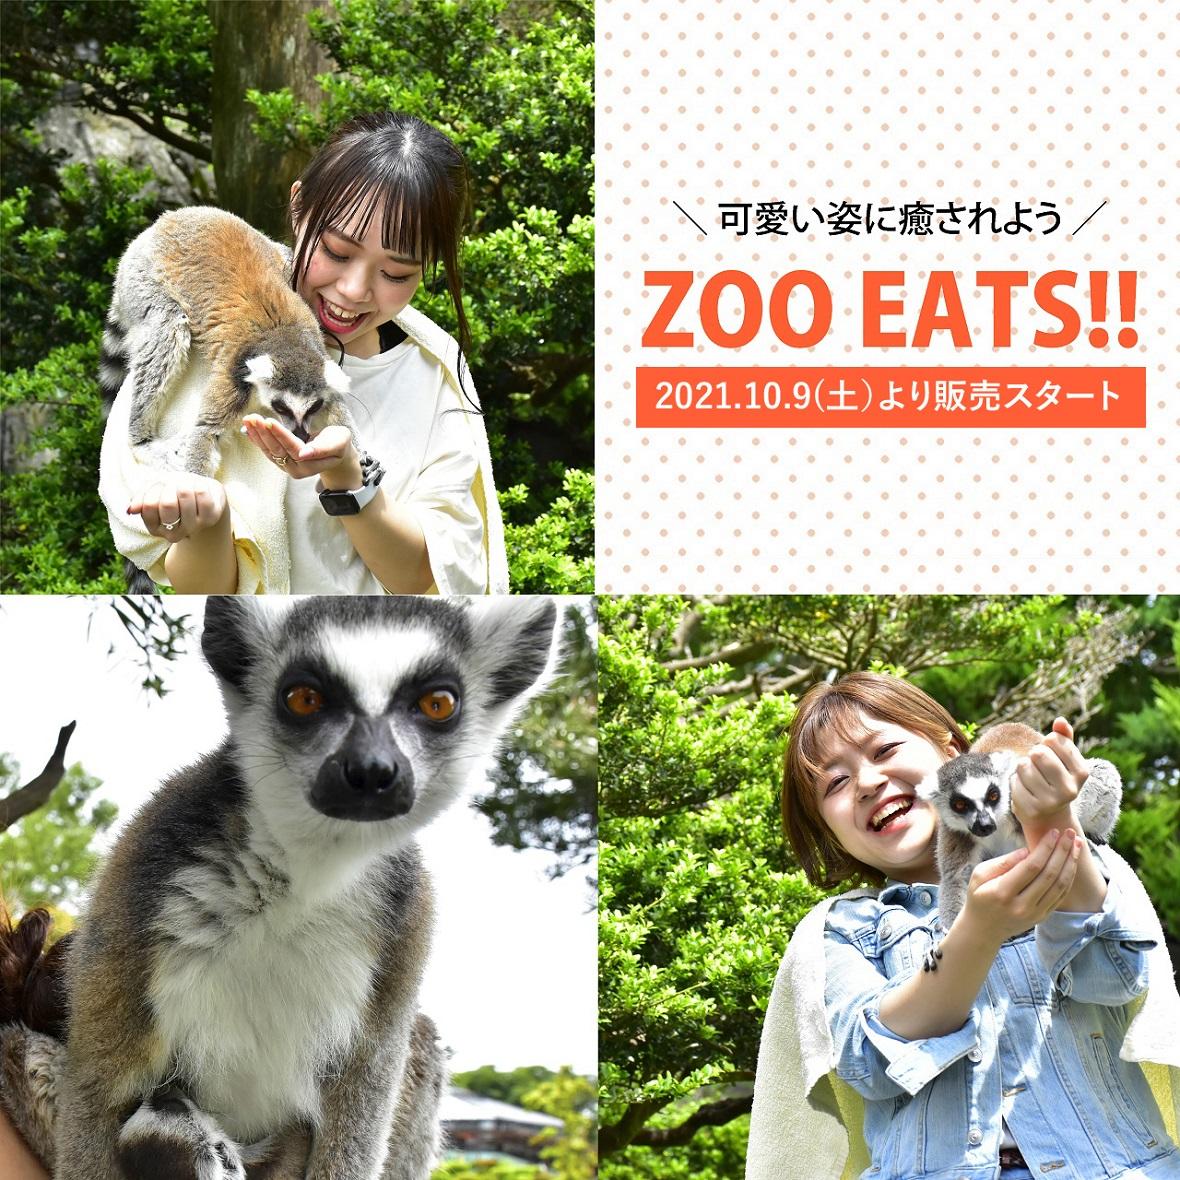 【先着50名様】 Youtube生配信で園内にいるワオキツネザルにおやつをあげよう!オンラインおやつあげ体験 ZOO EATS